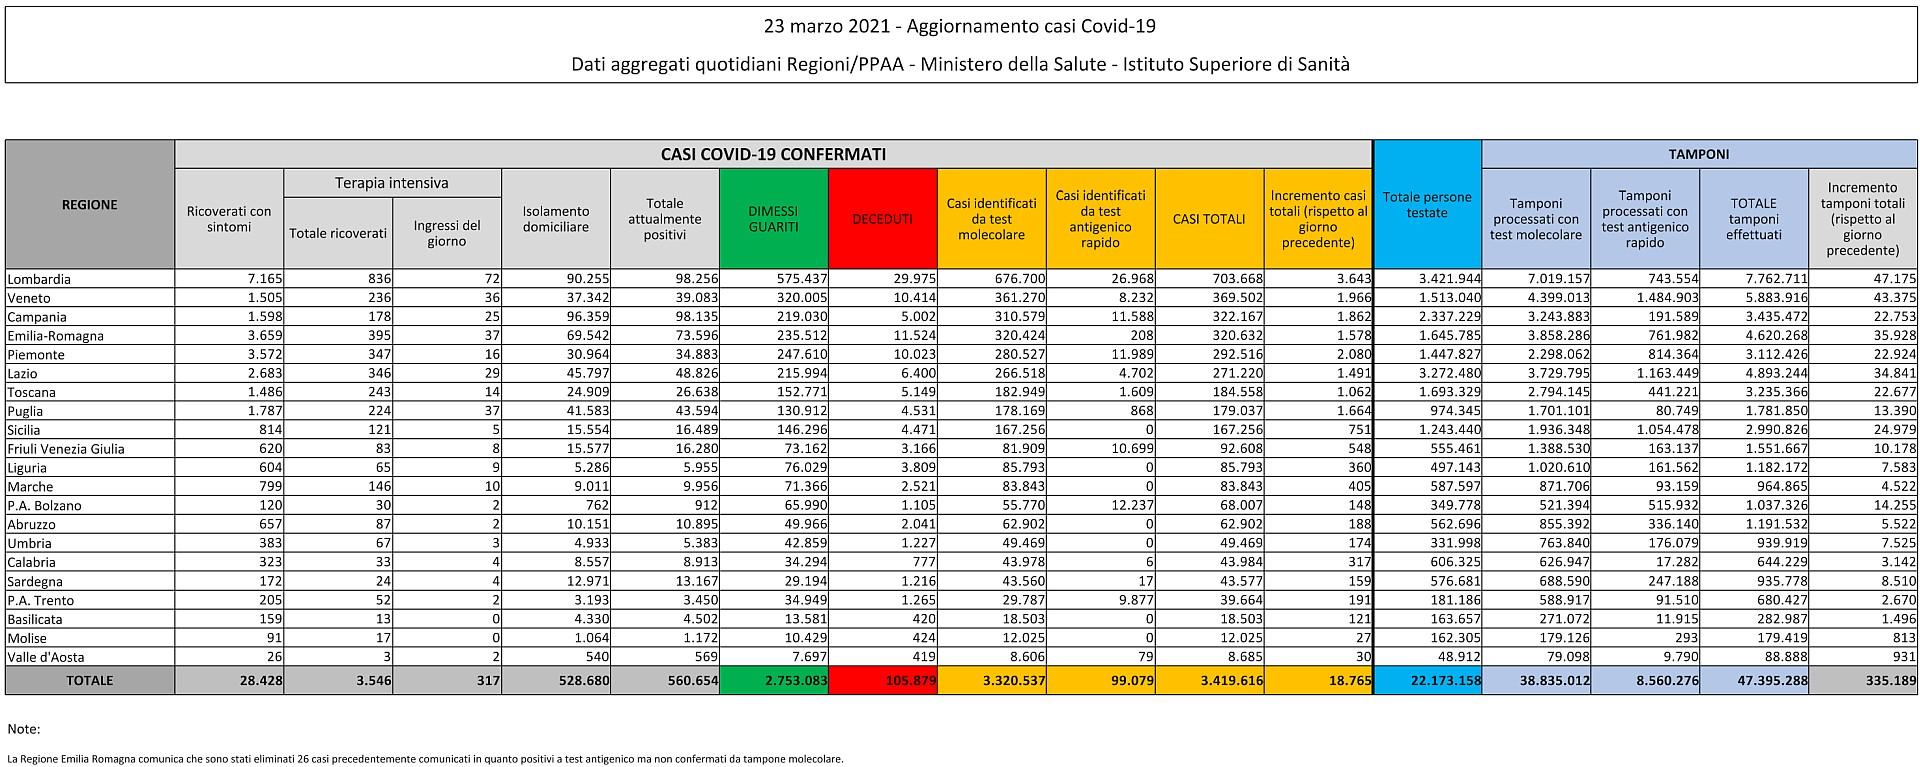 23 marzo 2021 - Aggiornamento casi Covid-19 Dati aggregati quotidiani Regioni/PPAA - Ministero della Salute - Istituto Superiore di Sanità